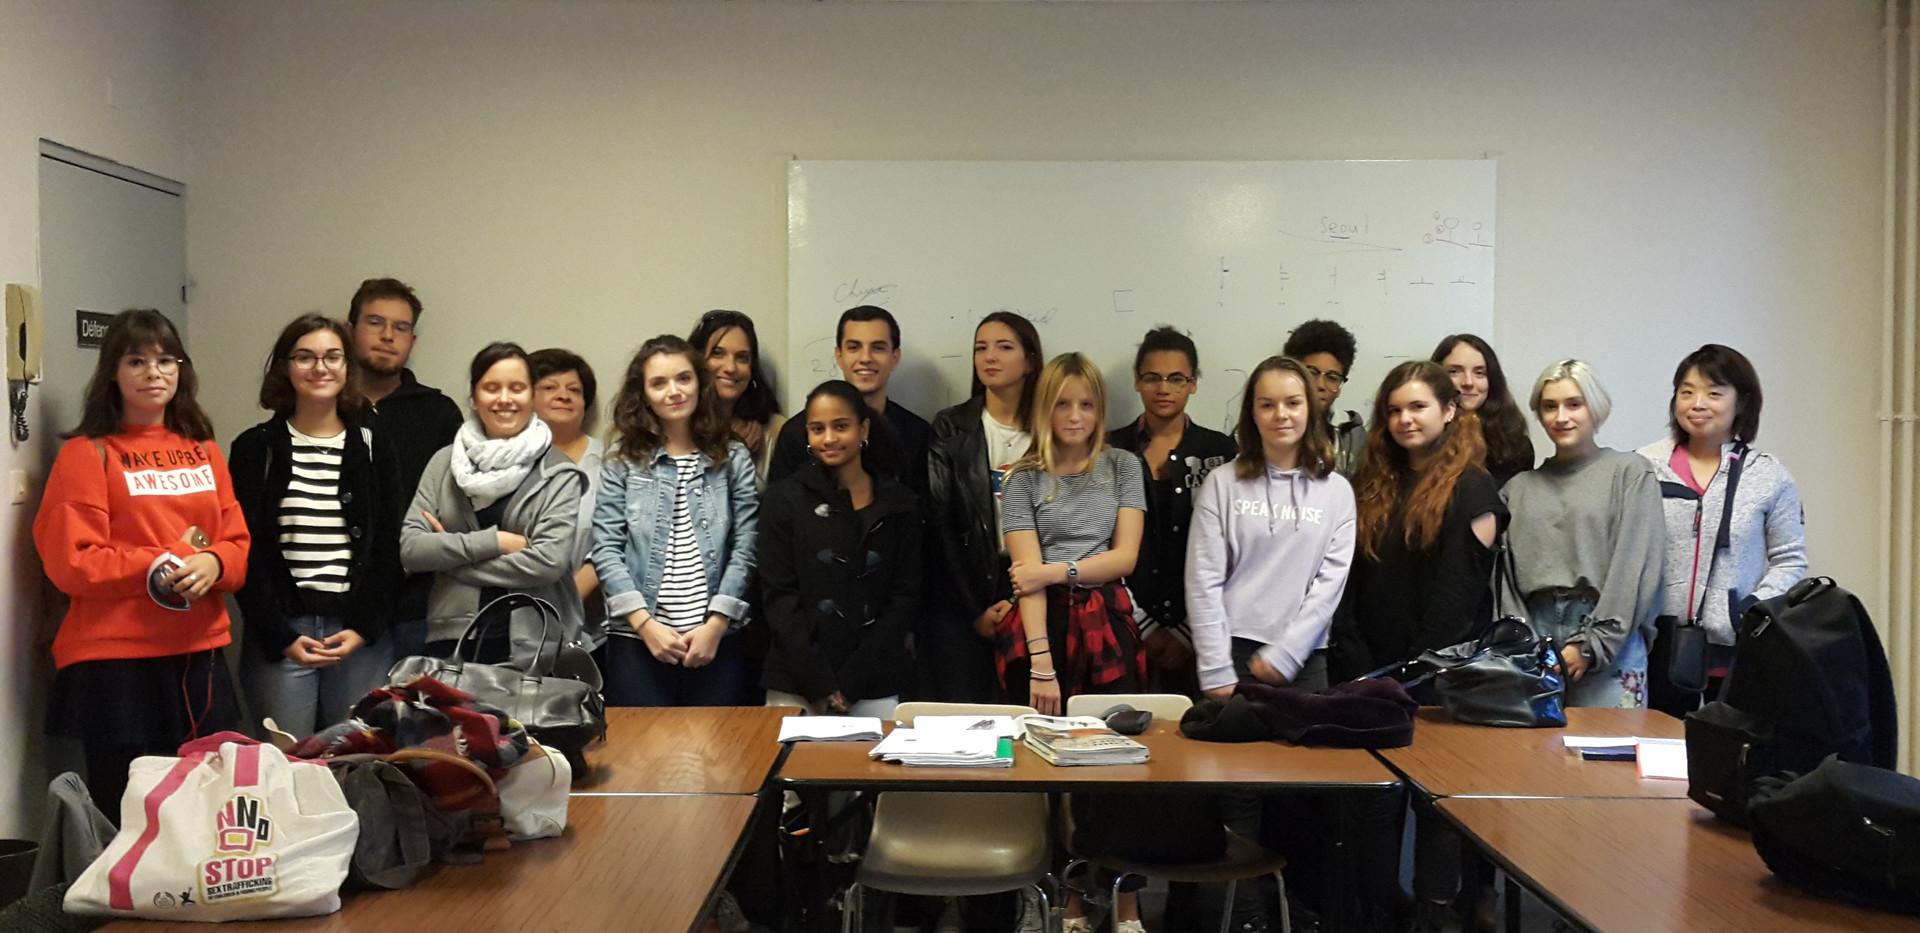 Les belles et beaux élèves du cours de coréen!